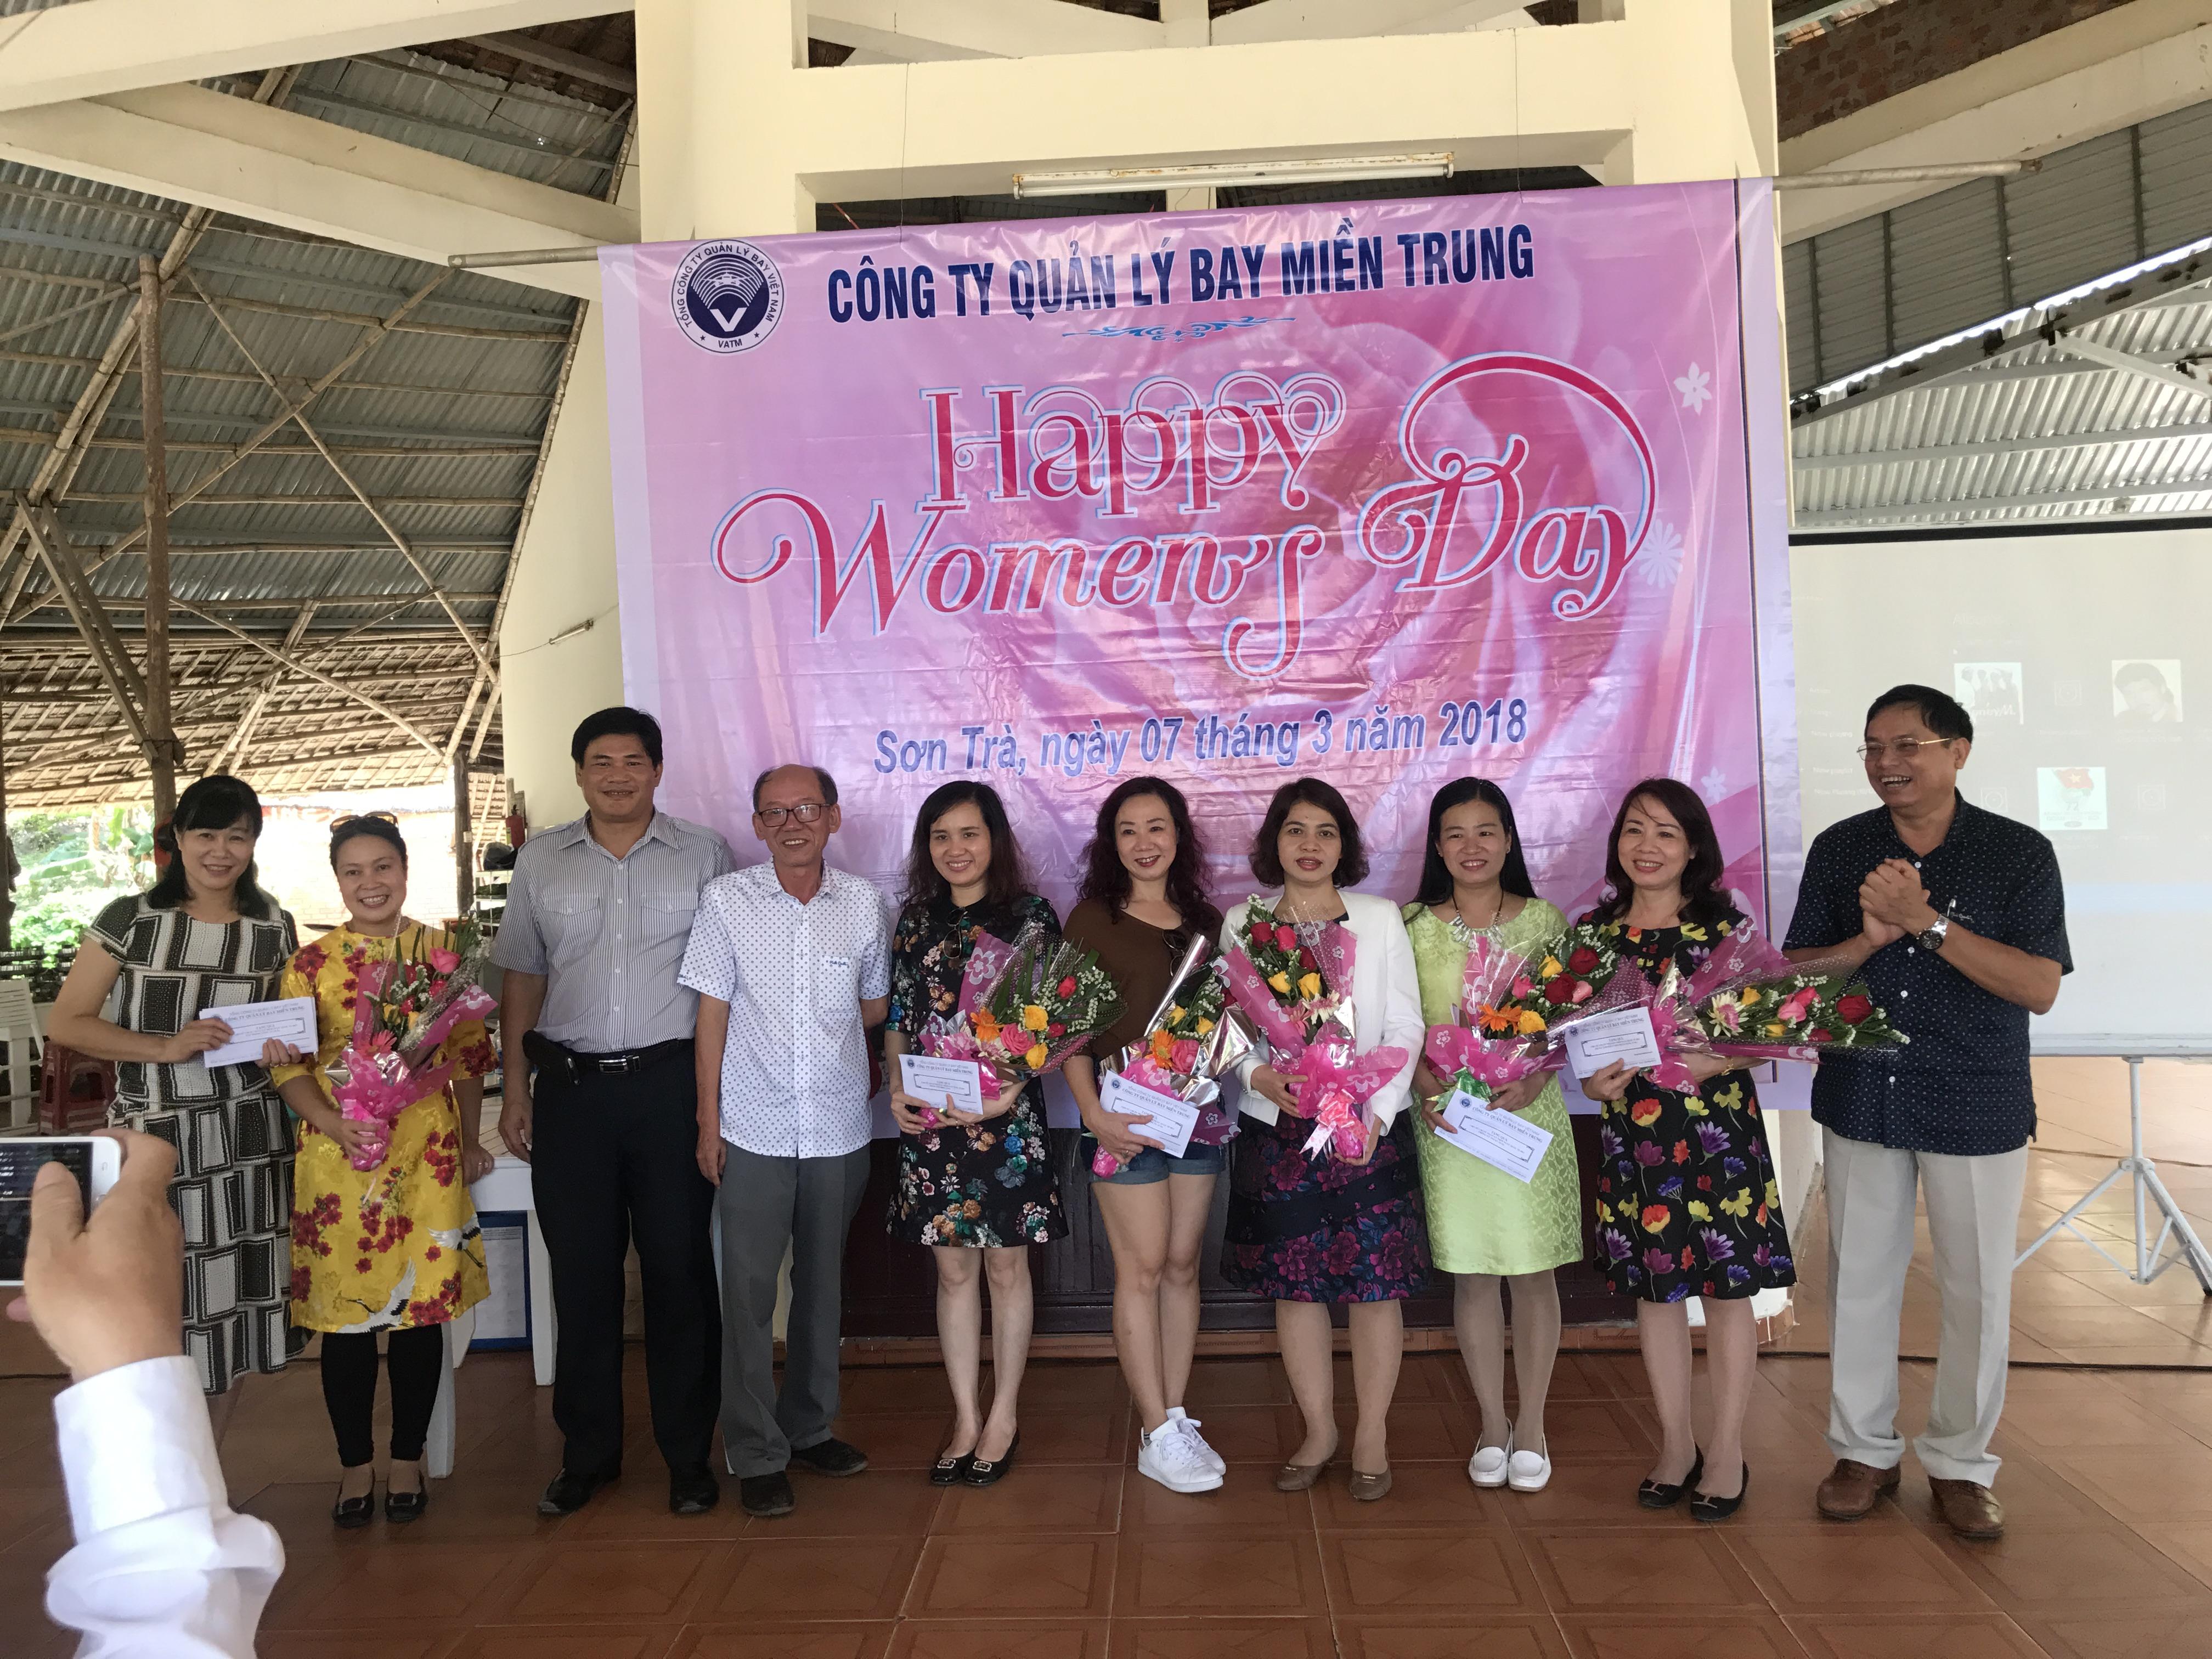 Hoạt động chào mừng Ngày quốc tế phụ nữ 8/3/2018 tại Công ty Quản lý bay miền Trung